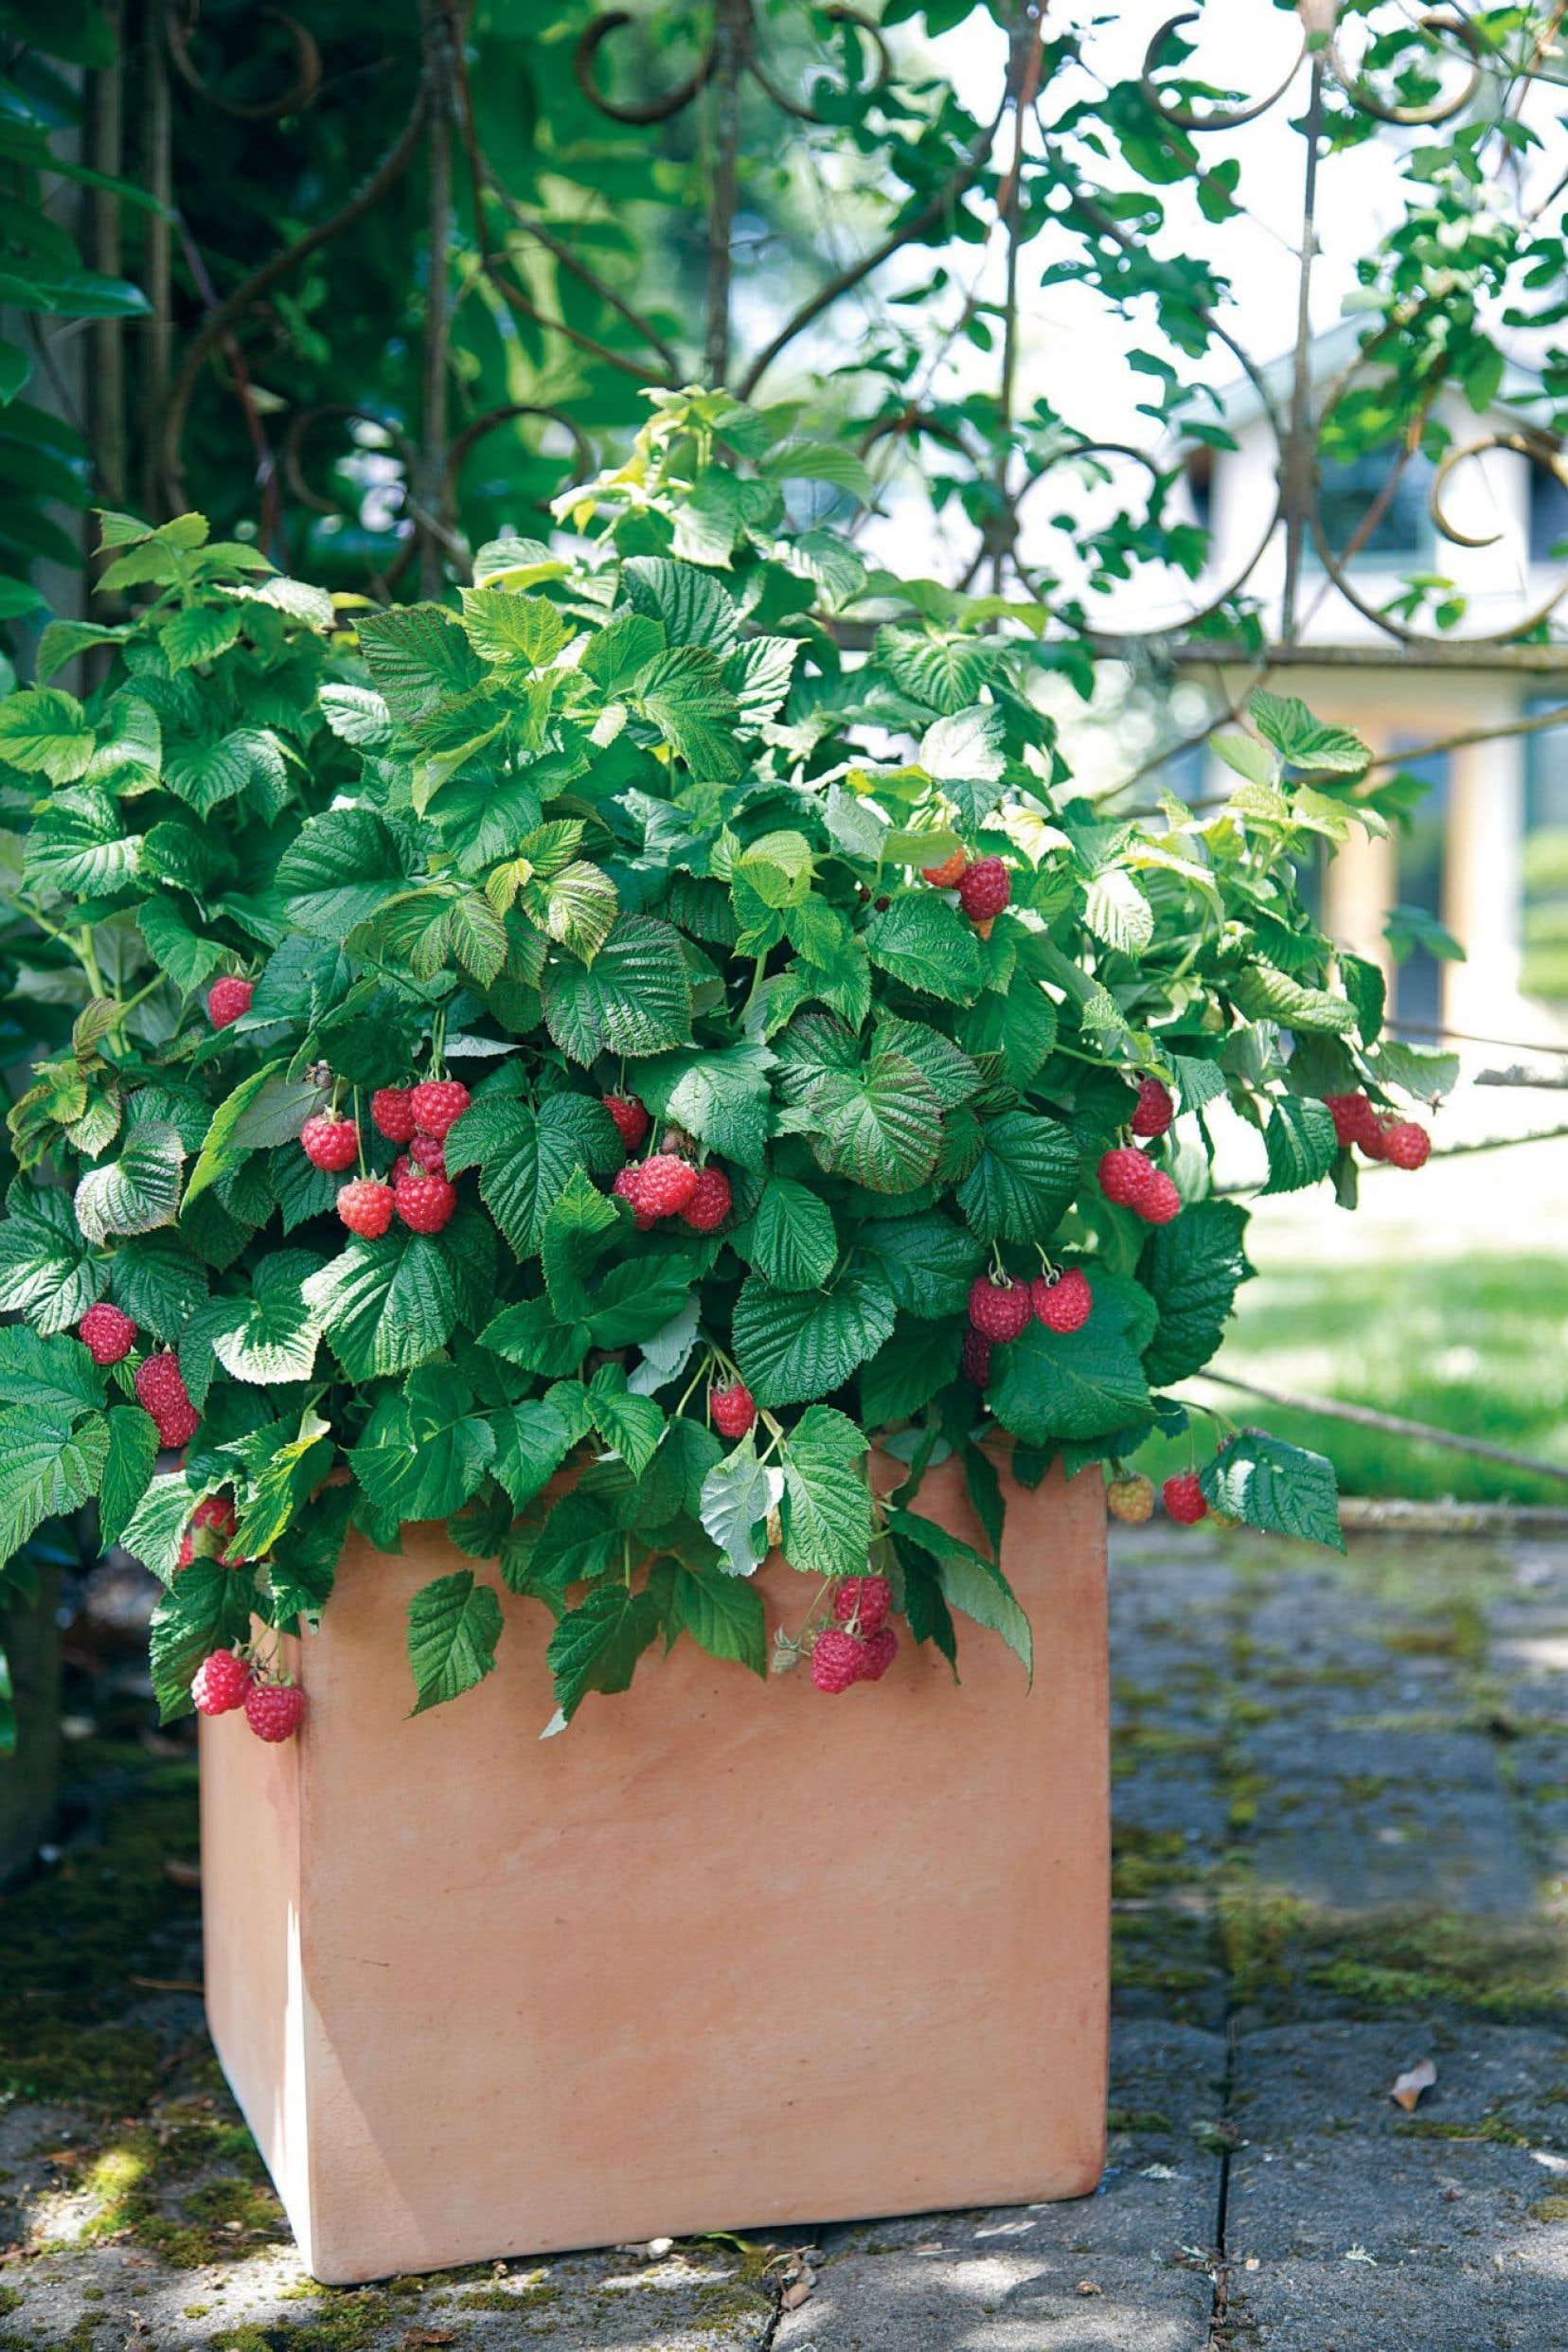 Voici le premier framboisier sans épines connu de l'histoire, le framboisier Raspberry Shortcake!